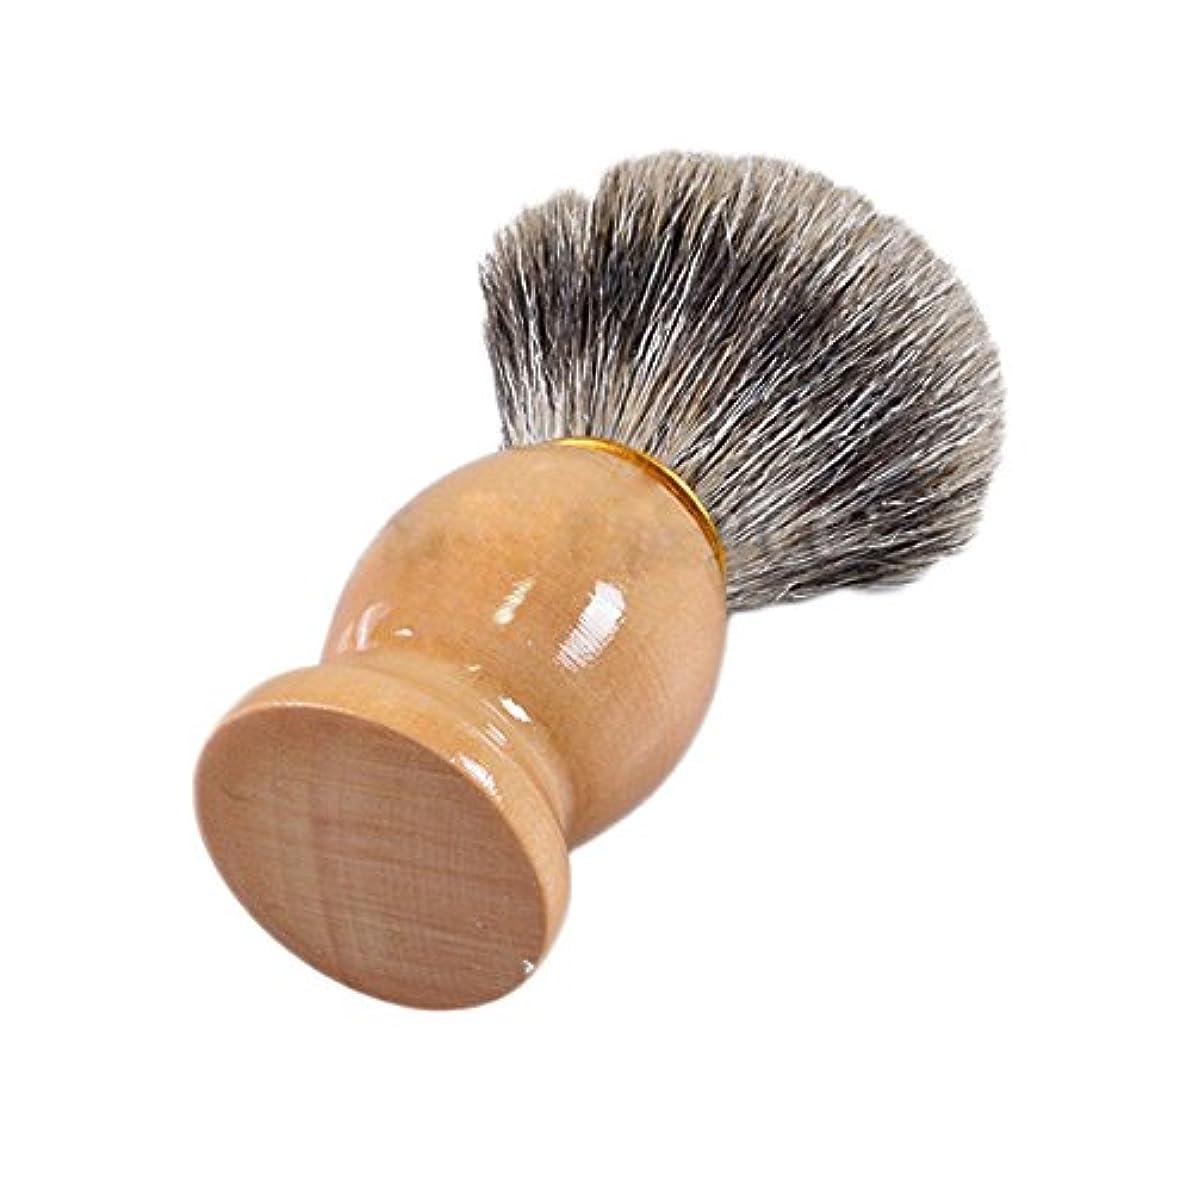 有力者愛代わってMSmask 純粋なアナグマ毛シェービングブラシ 木製ハンドルのシェービングブラシで